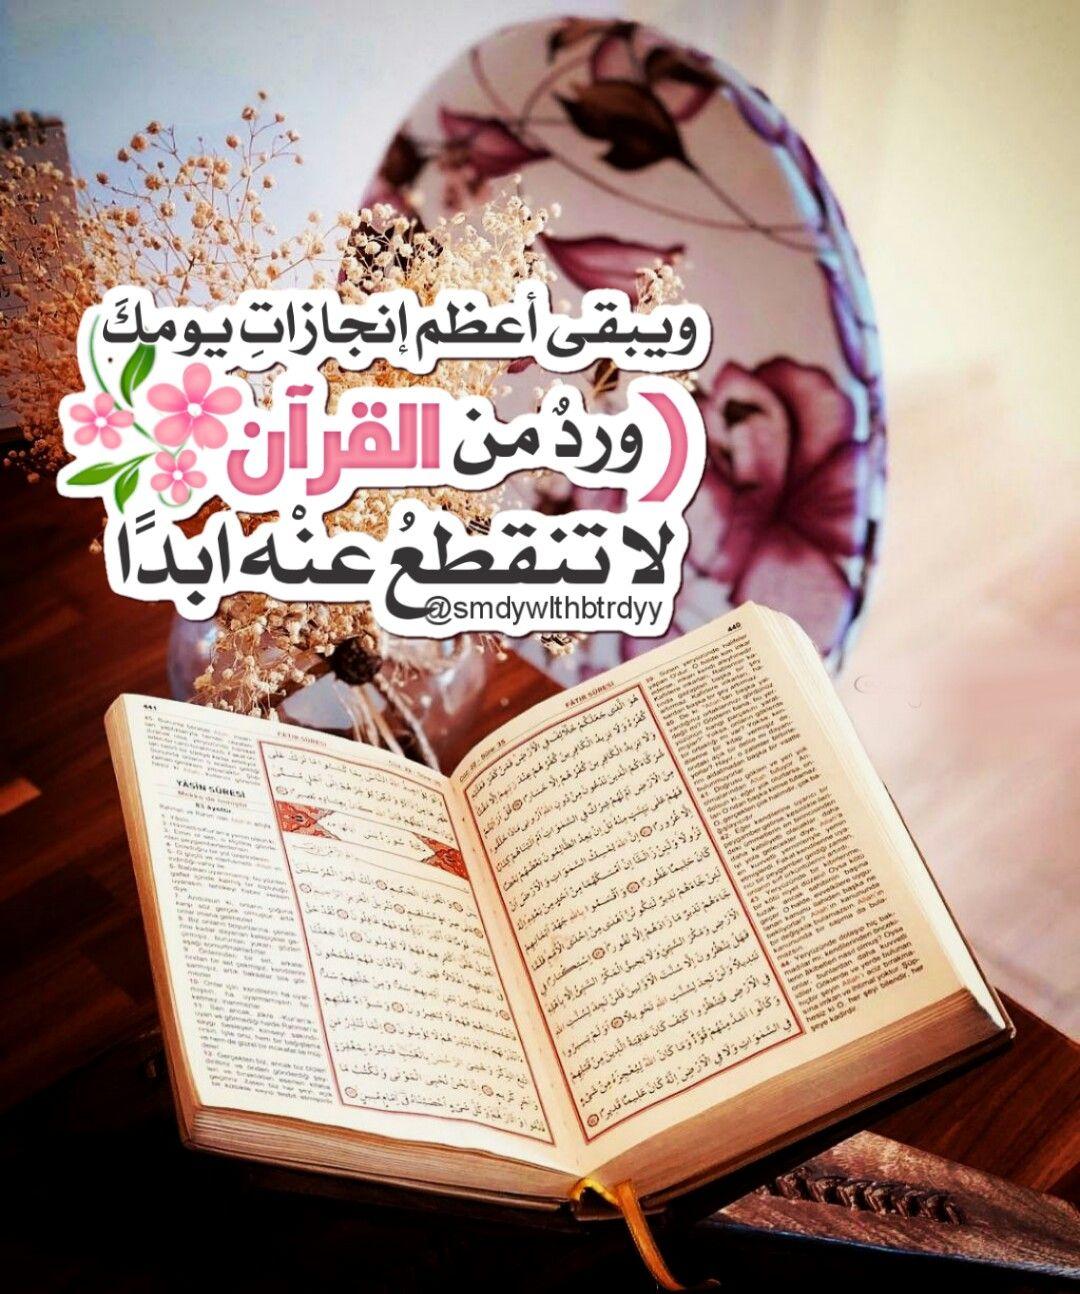 ويبقى أعظم إنجازات يومك ورد من القرآن لا تنقطع عن ه ابد ا Quran Quotes Sweet Words Holy Quran